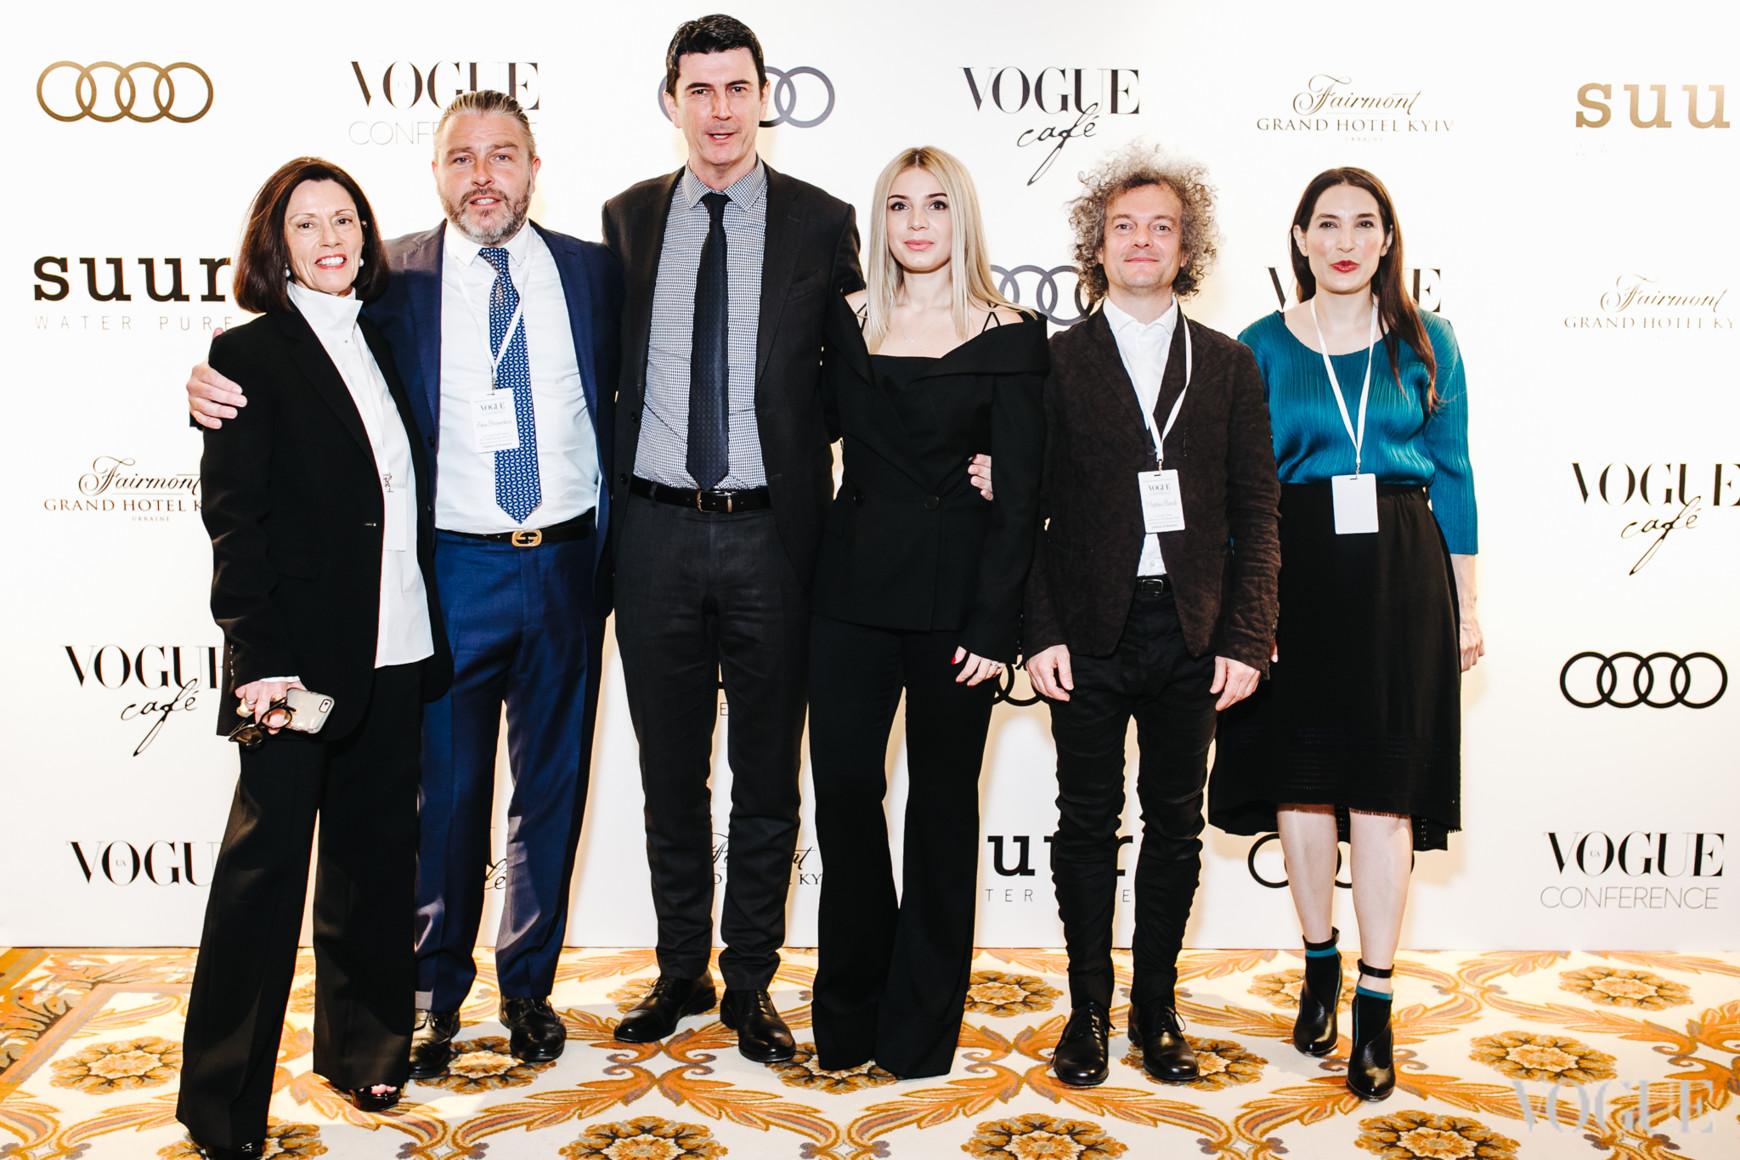 Лиззи Боуринг, Алекс Браунлесс, Стив Троу, Нина Левчук, Маттео Барди, Сара Козловски